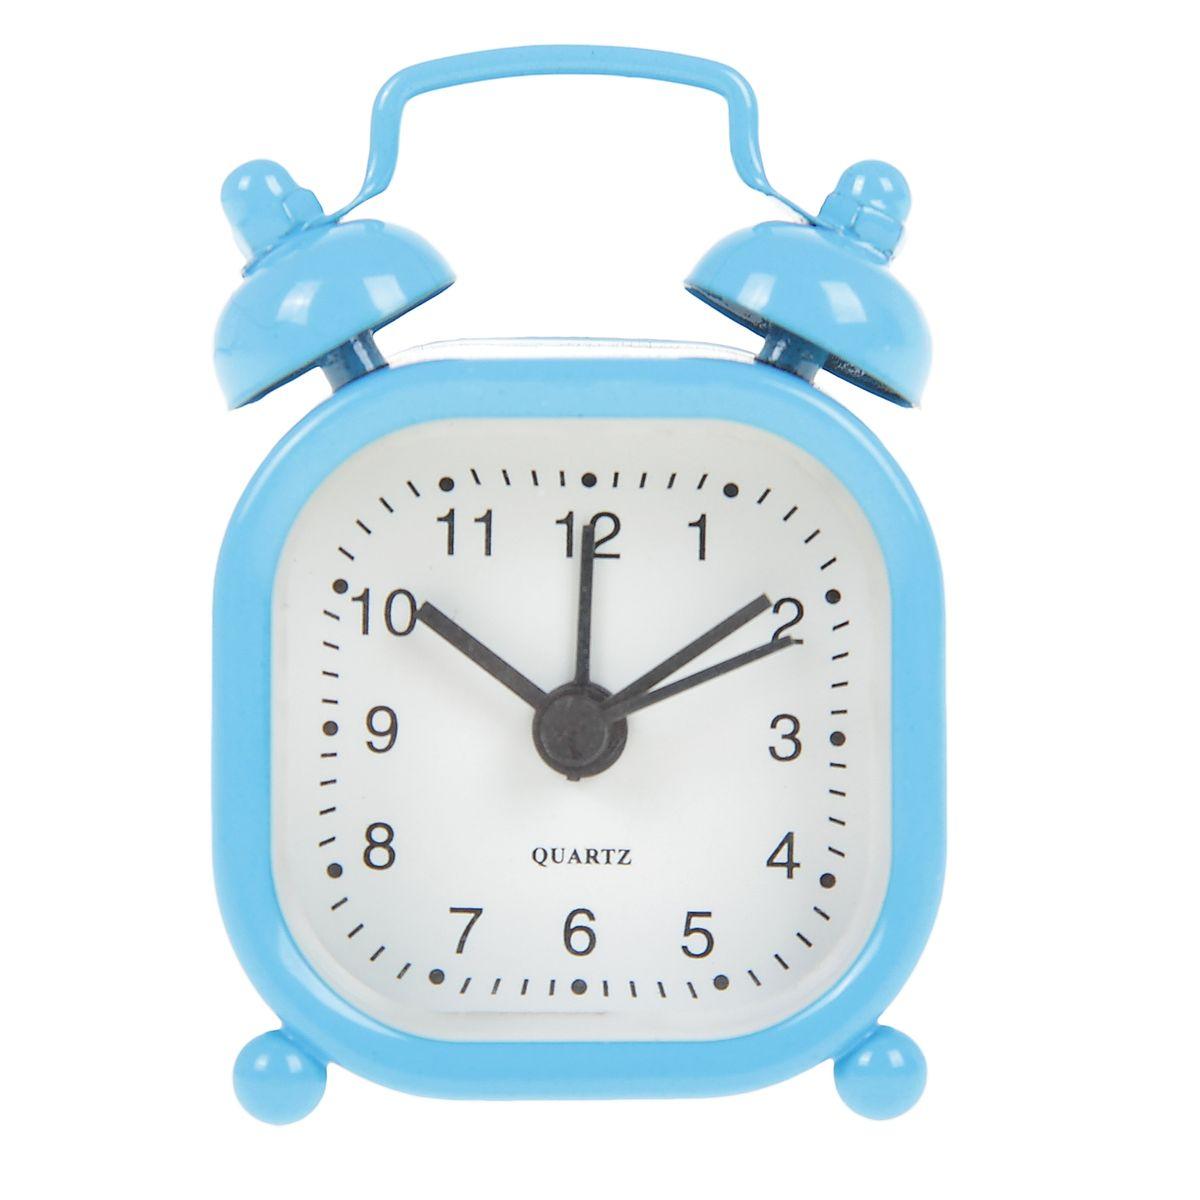 Часы-будильник Sima-land, цвет: голубой. 840951840951Как же сложно иногда вставать вовремя! Всегда так хочется поспать еще хотя бы 5 минут и бывает, что мы просыпаем. Теперь этого не случится! Яркий, оригинальный будильник Sima-land поможет вам всегда вставать в нужное время и успевать везде и всюду. Будильник украсит вашу комнату и приведет в восхищение друзей. Эта уменьшенная версия привычного будильника умещается на ладони и работает так же громко, как и привычные аналоги. Время показывает точно и будит в установленный час. На задней панели будильника расположены переключатель включения/выключения механизма, а также два колесика для настройки текущего времени и времени звонка будильника. Будильник работает от 1 батарейки типа LR44 (входит в комплект).